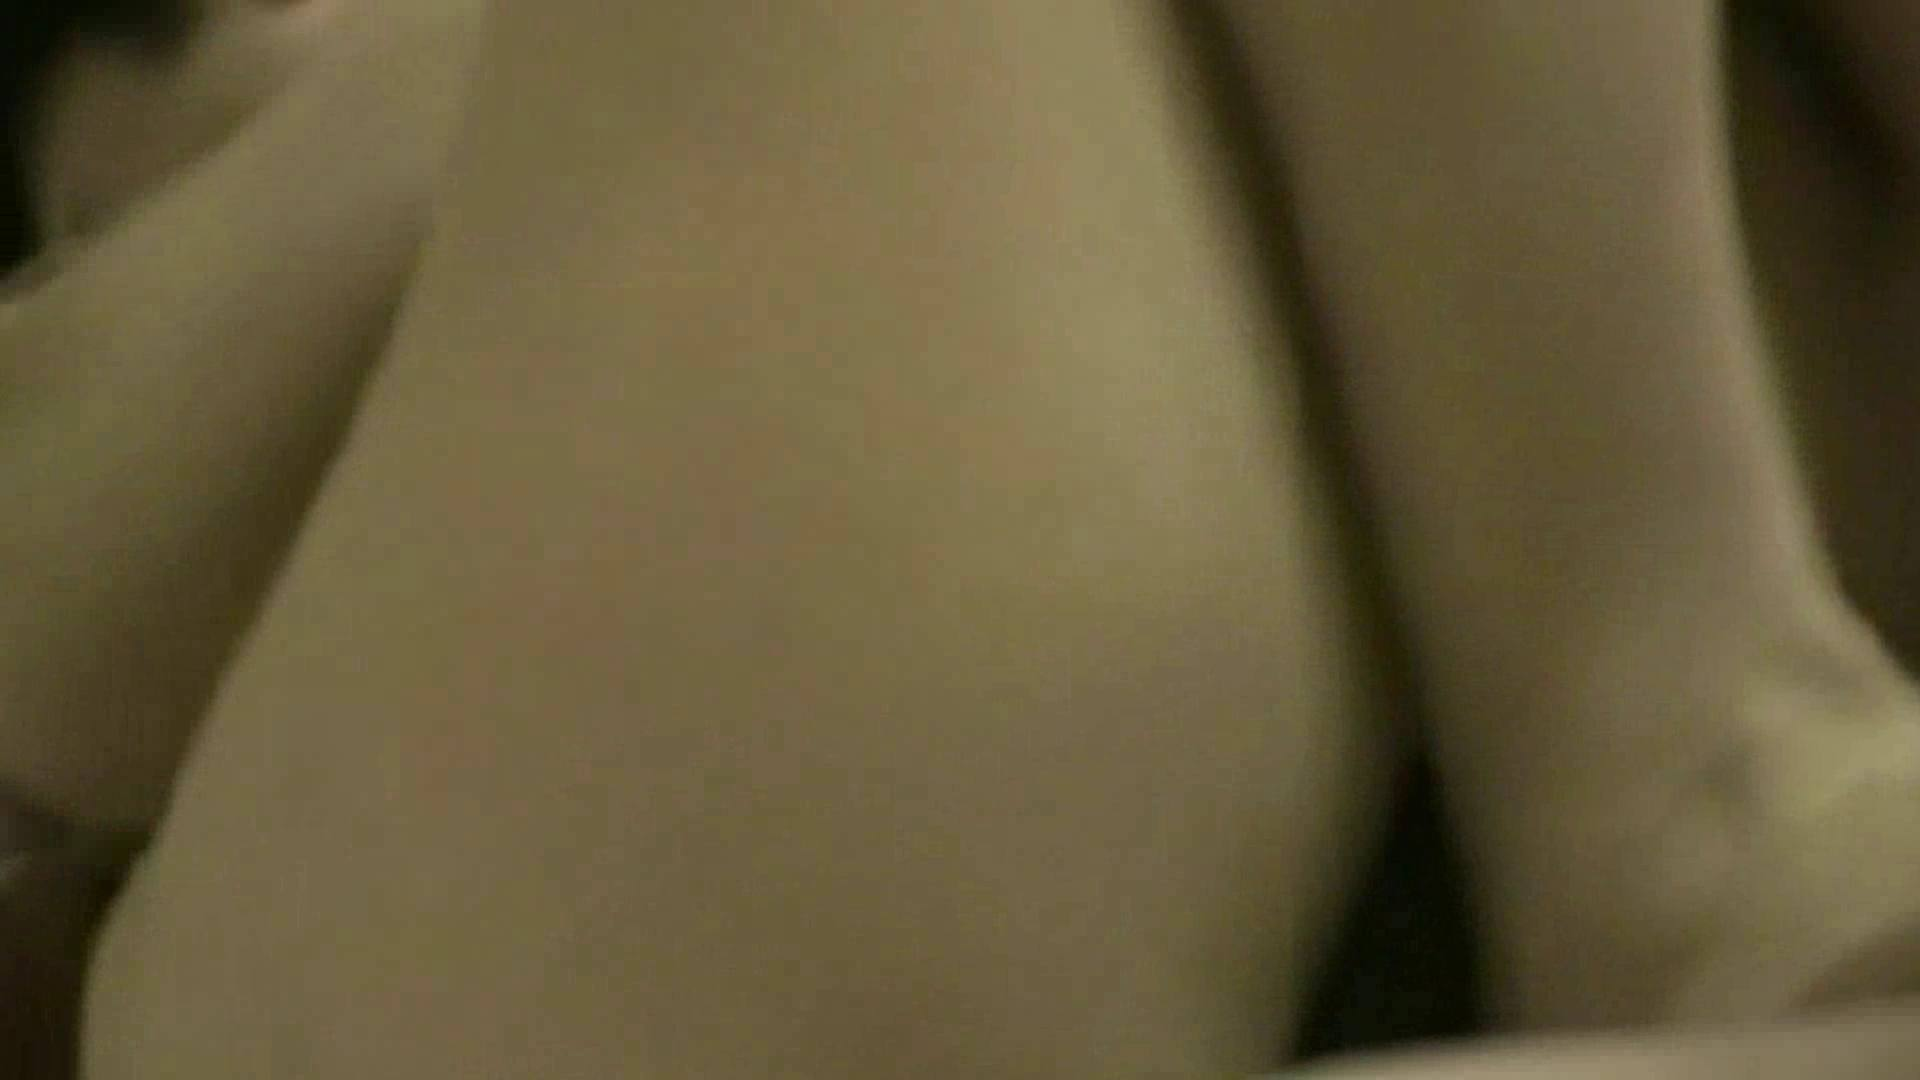 最愛の妻 TAKAKO 愛のSEX Vol.01 一般投稿 おまんこ動画流出 111pic 34